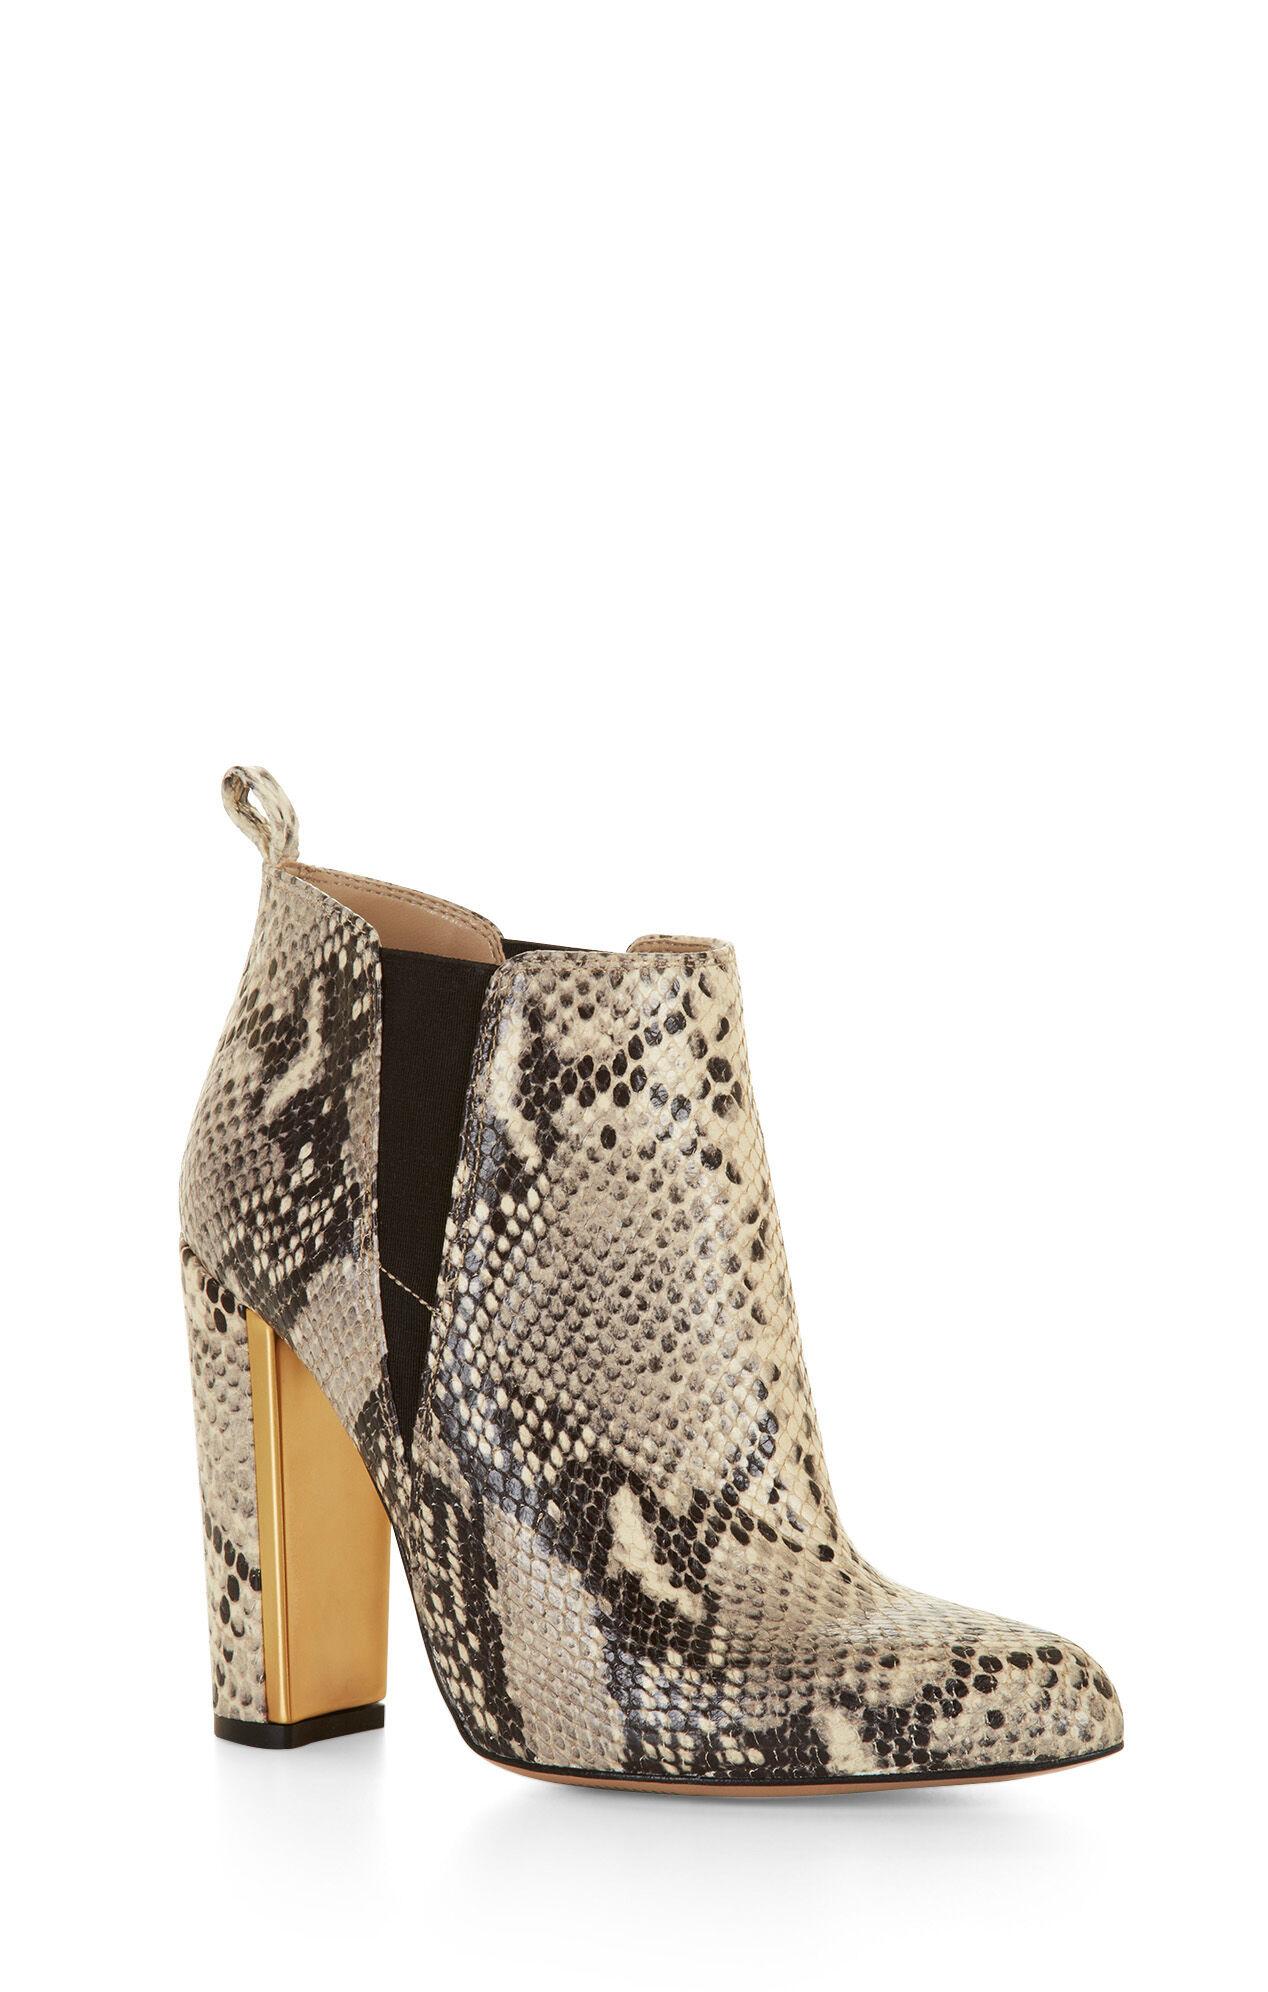 Bcbg Shoes Boots